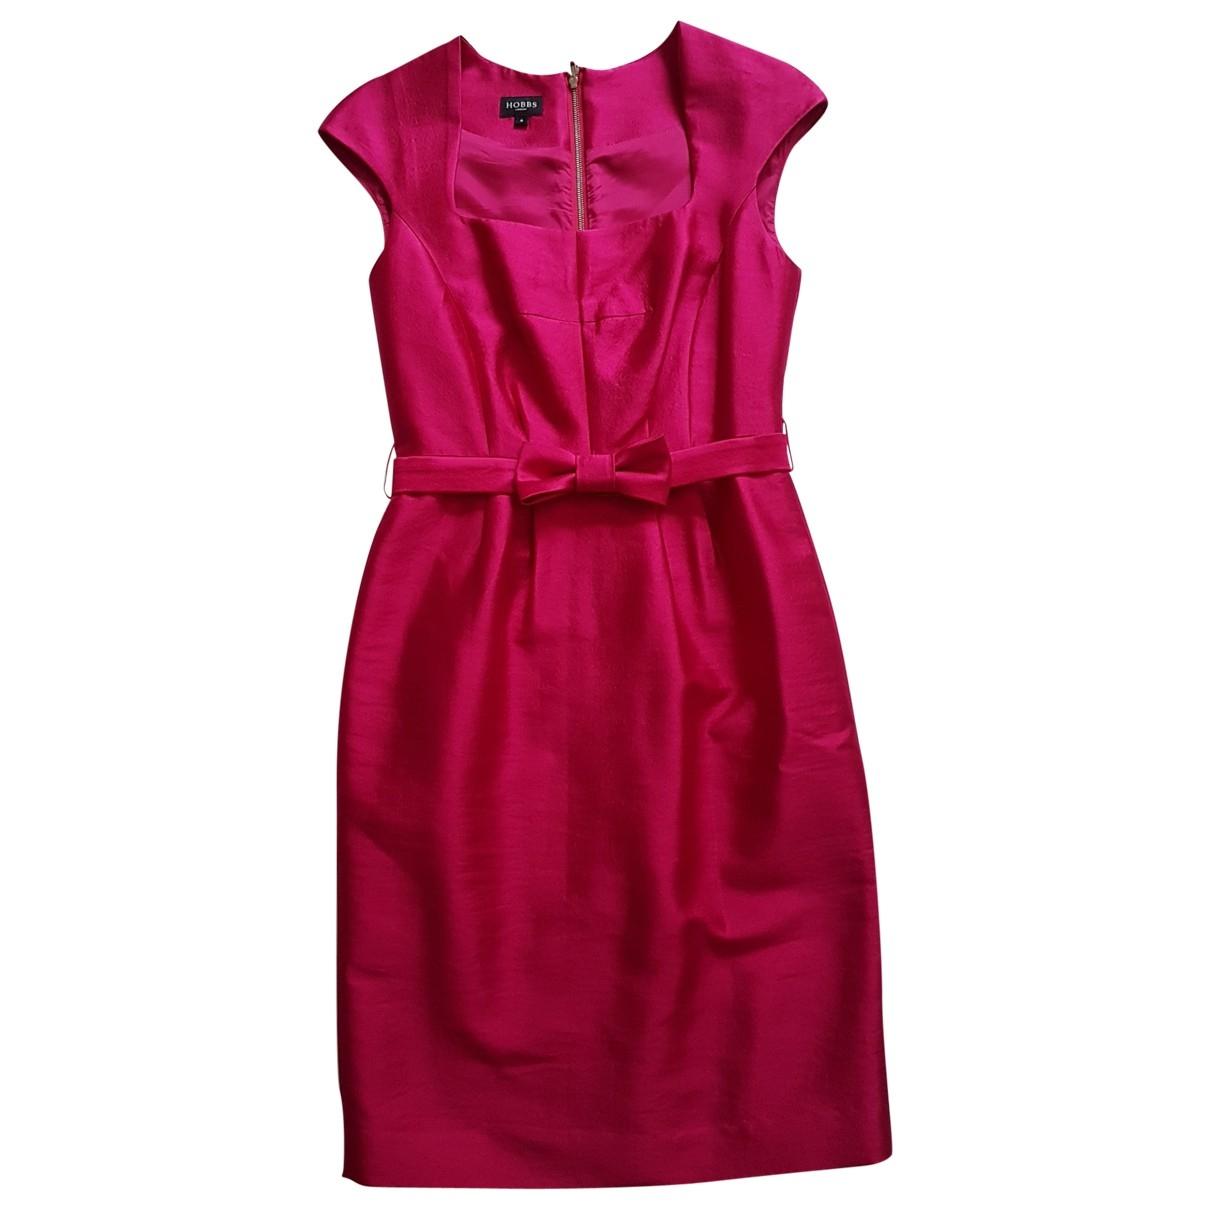 Hobbs - Robe   pour femme en laine - rose